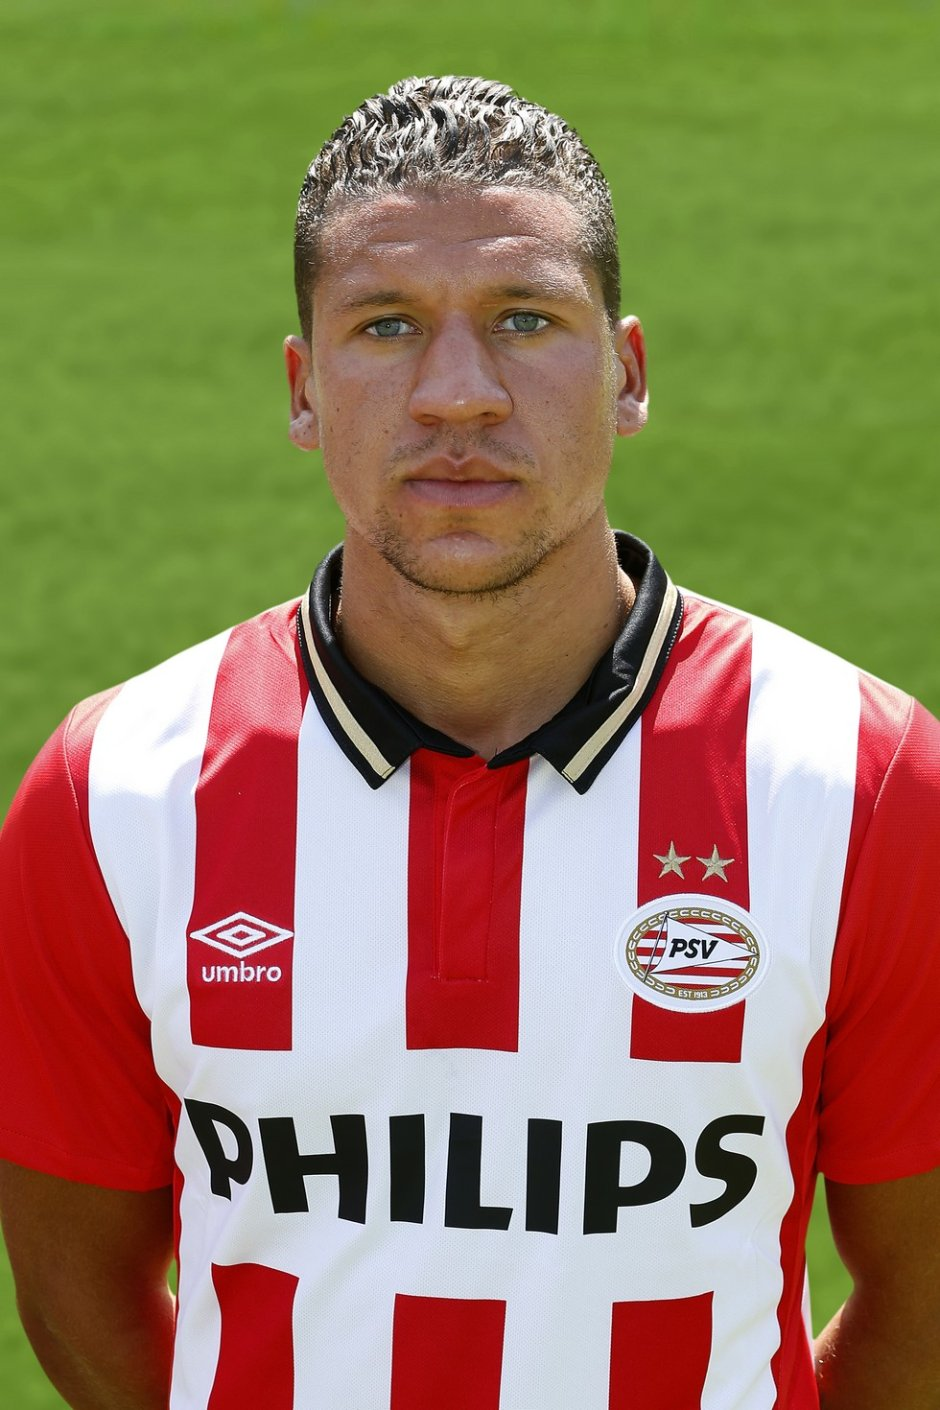 PSV.nl - Jeffrey Bruma